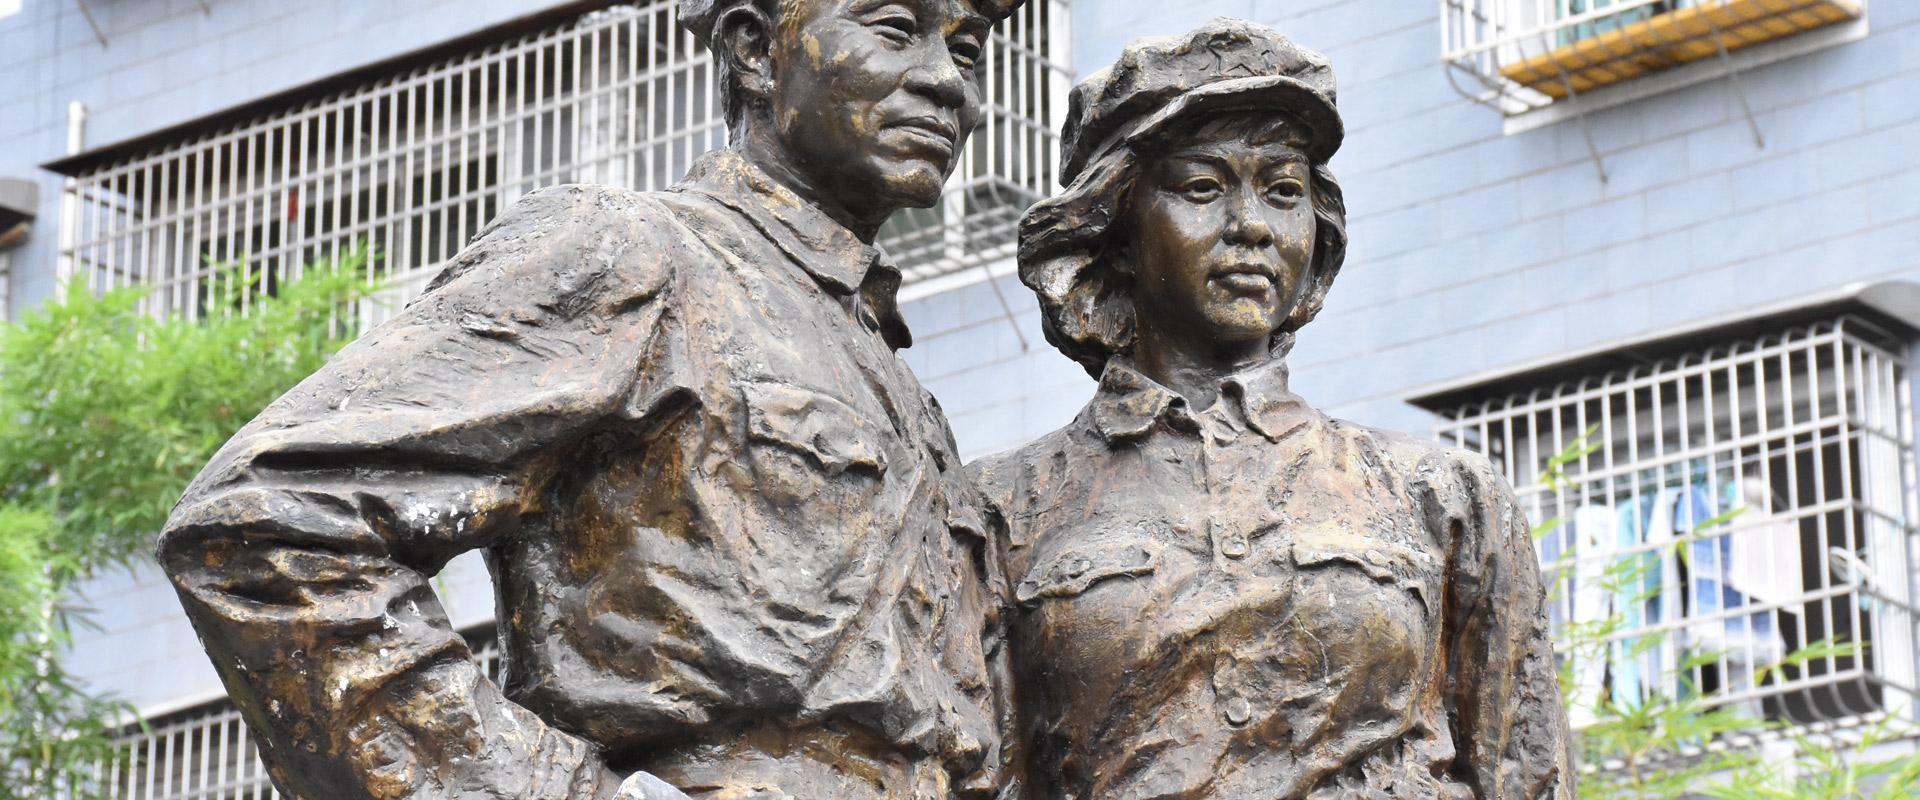 朱德伍若兰铜像伫立在培兰斋的后院。